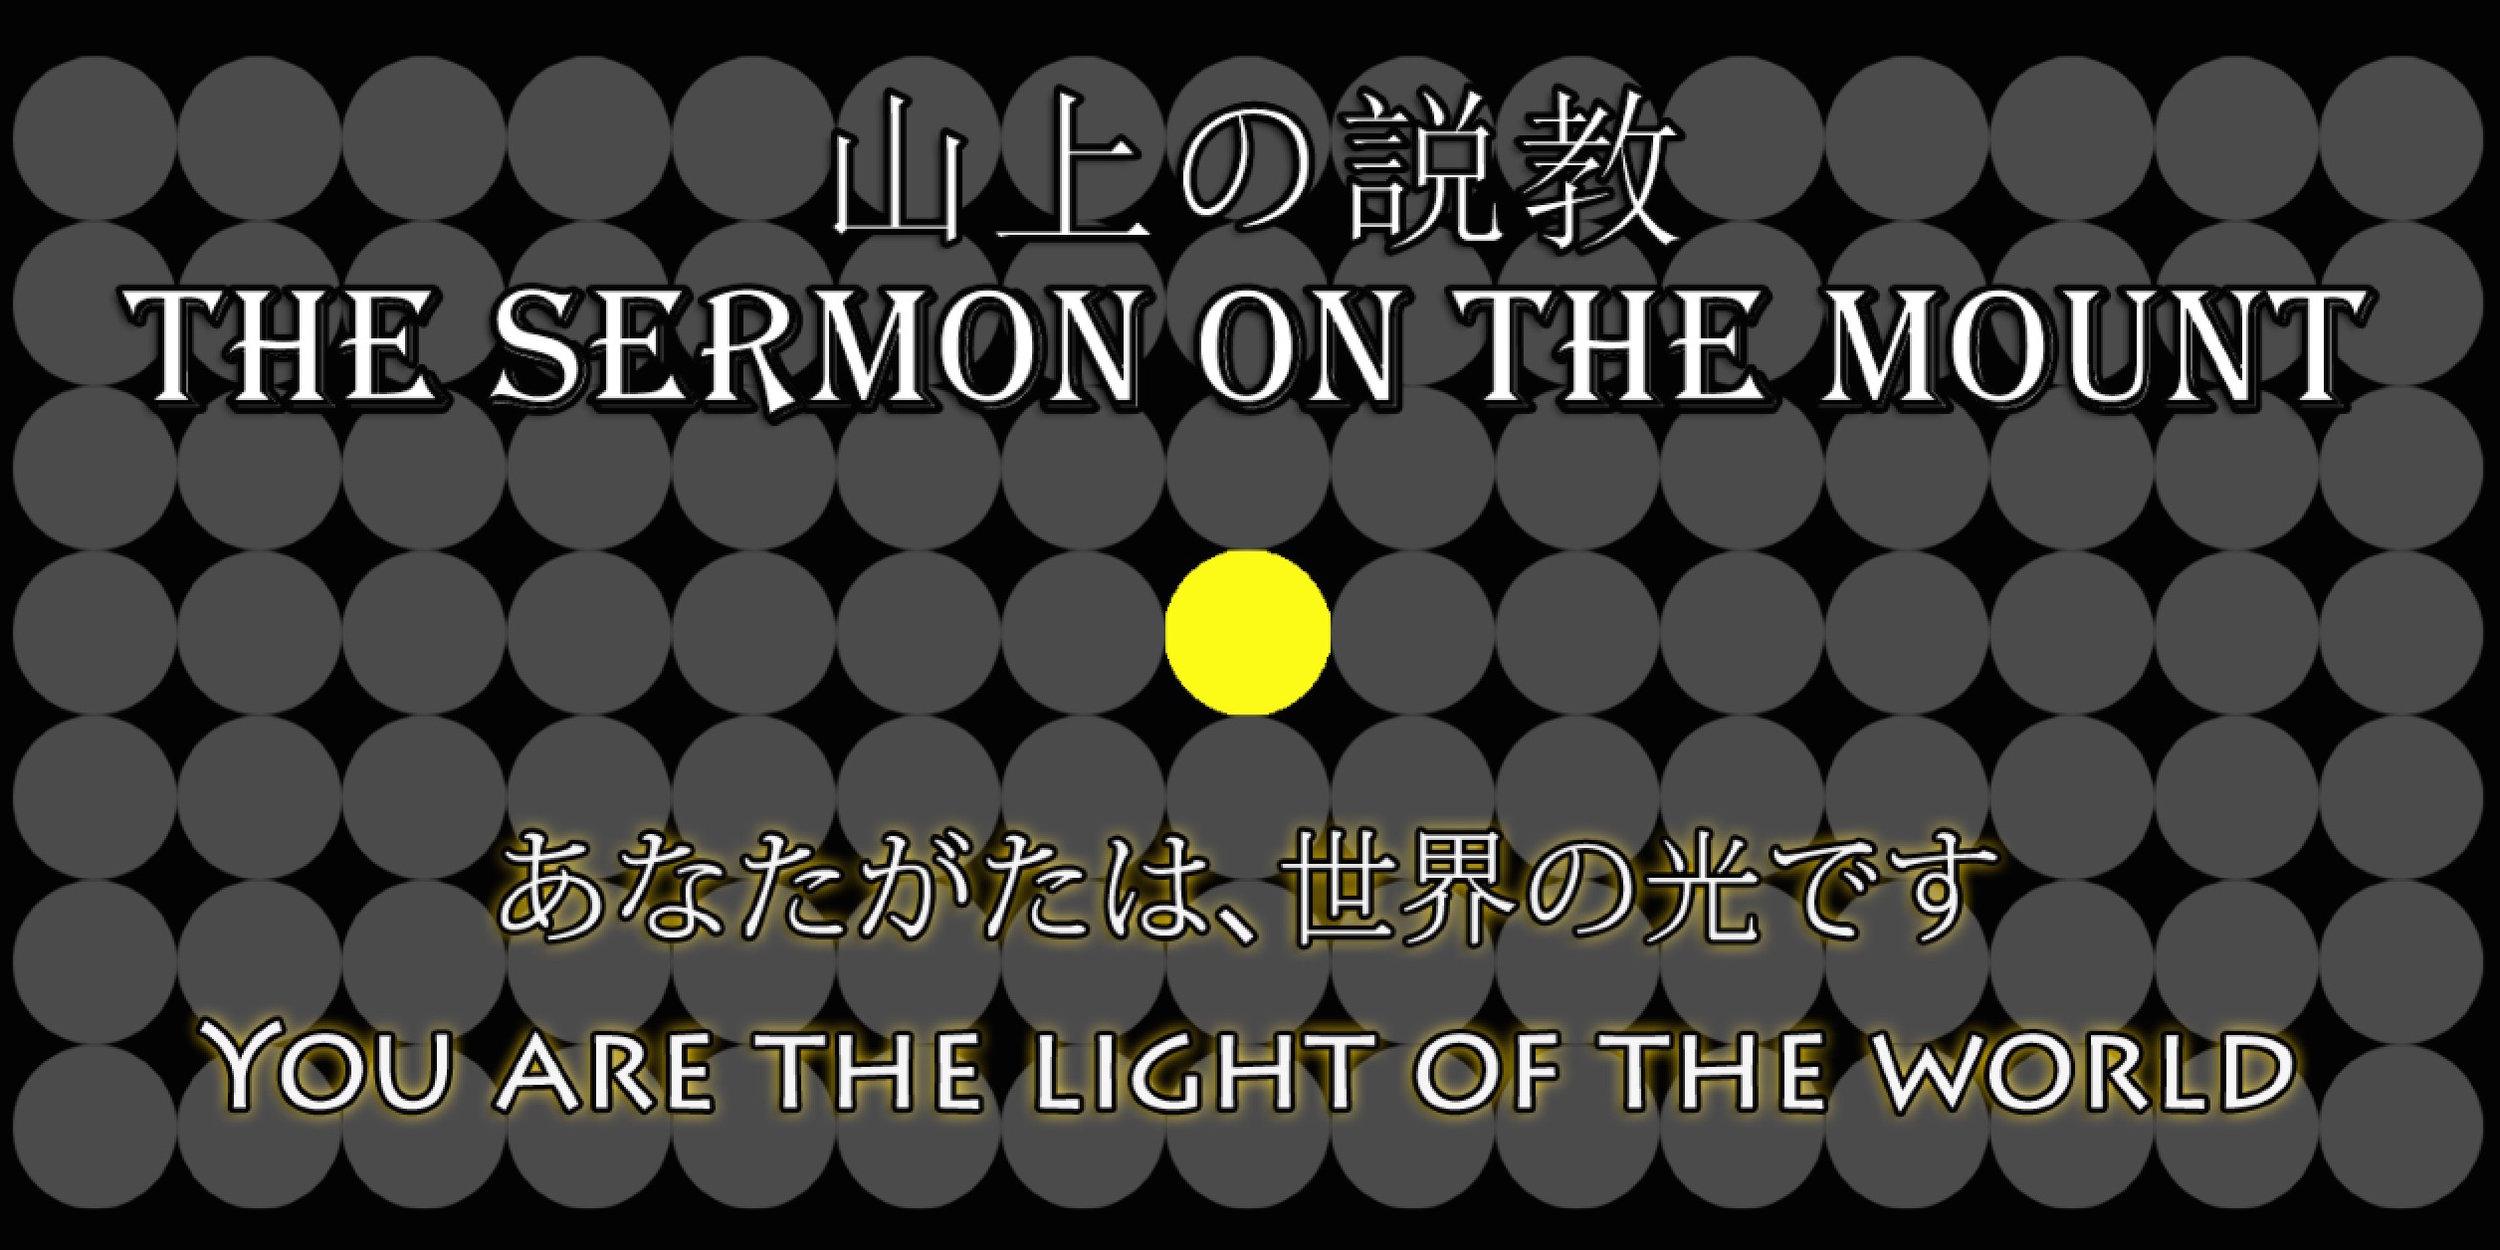 Light of the World.jpg